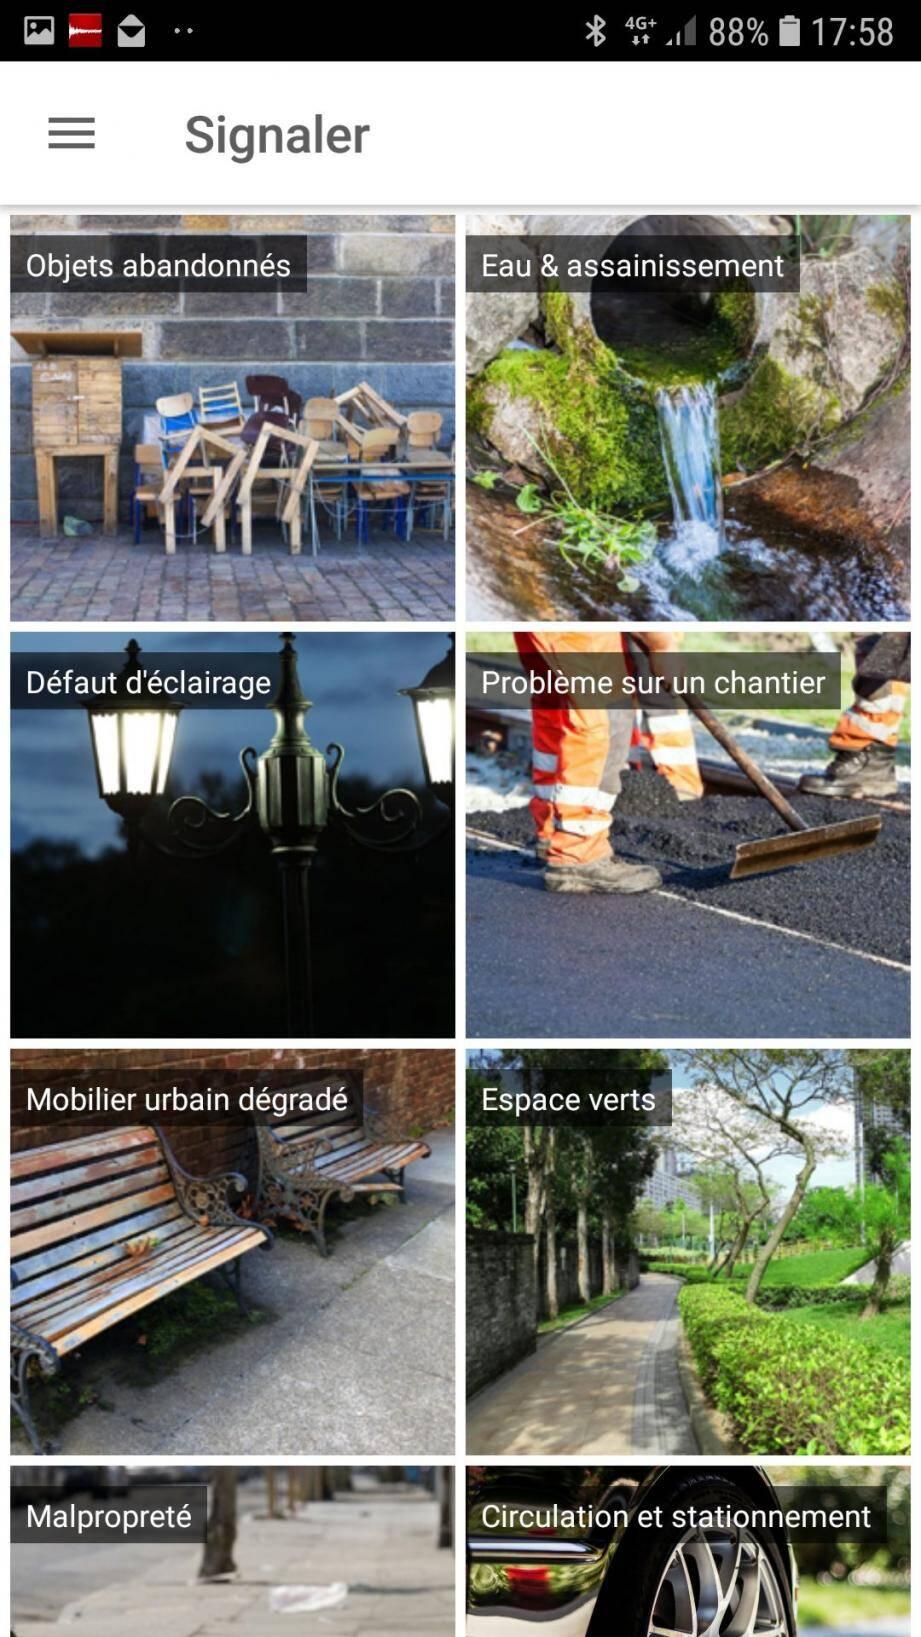 Ojets abandonnés, défaut d'éclairage, mobilier urbain dégradé... les Borméens peuvent signaler tous les problèmes via l'application de la ville.